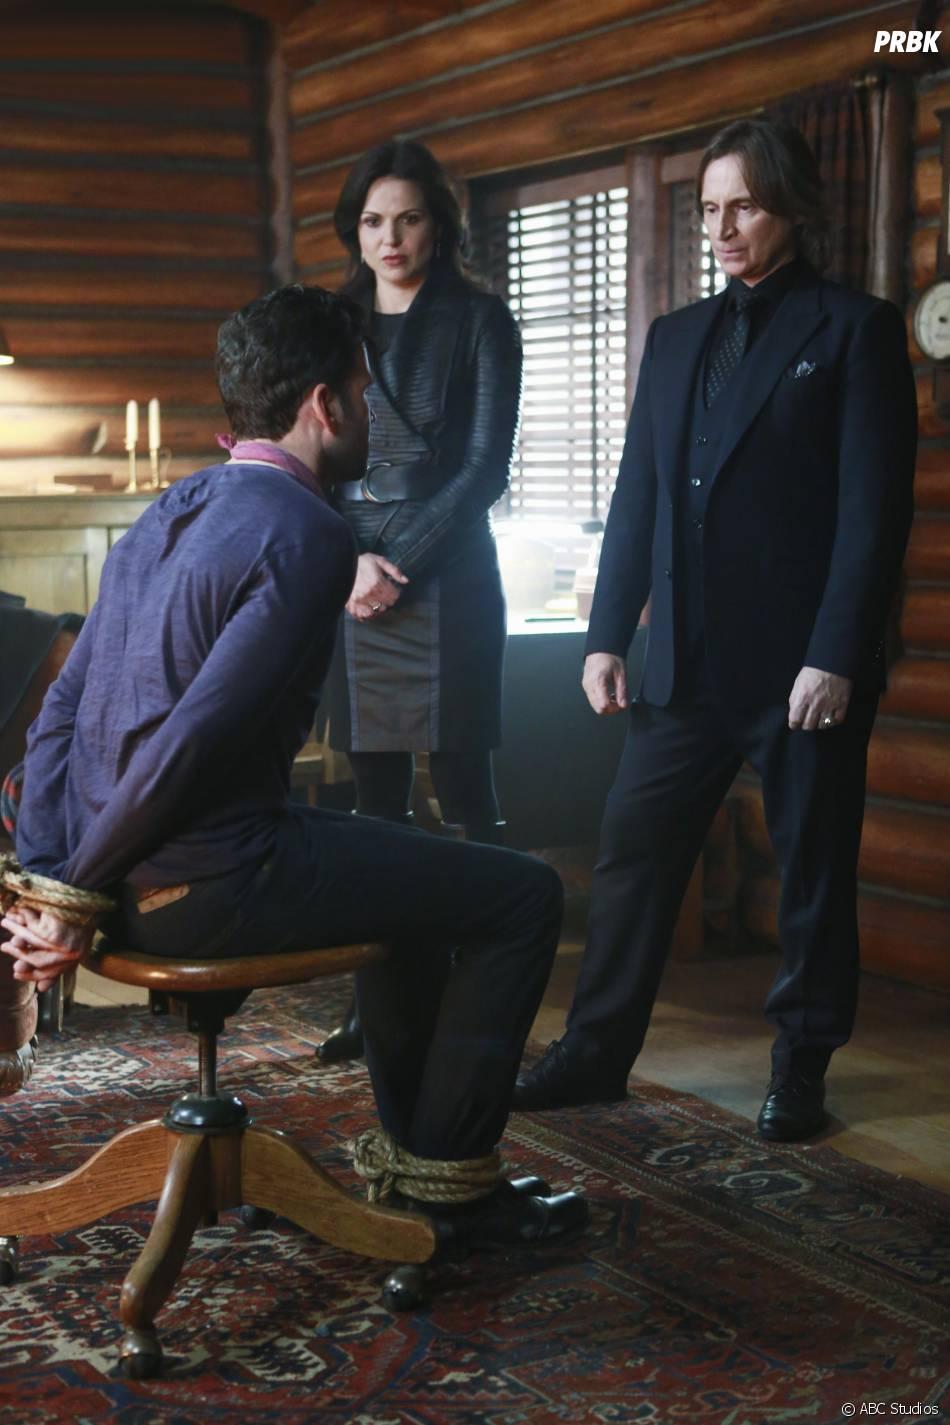 Once Upon a Time saison 4, épisode 15 : Lana Parrilla (Regina), Robert Carlyle (Gold) et Eion Bailey (August) sur une photo